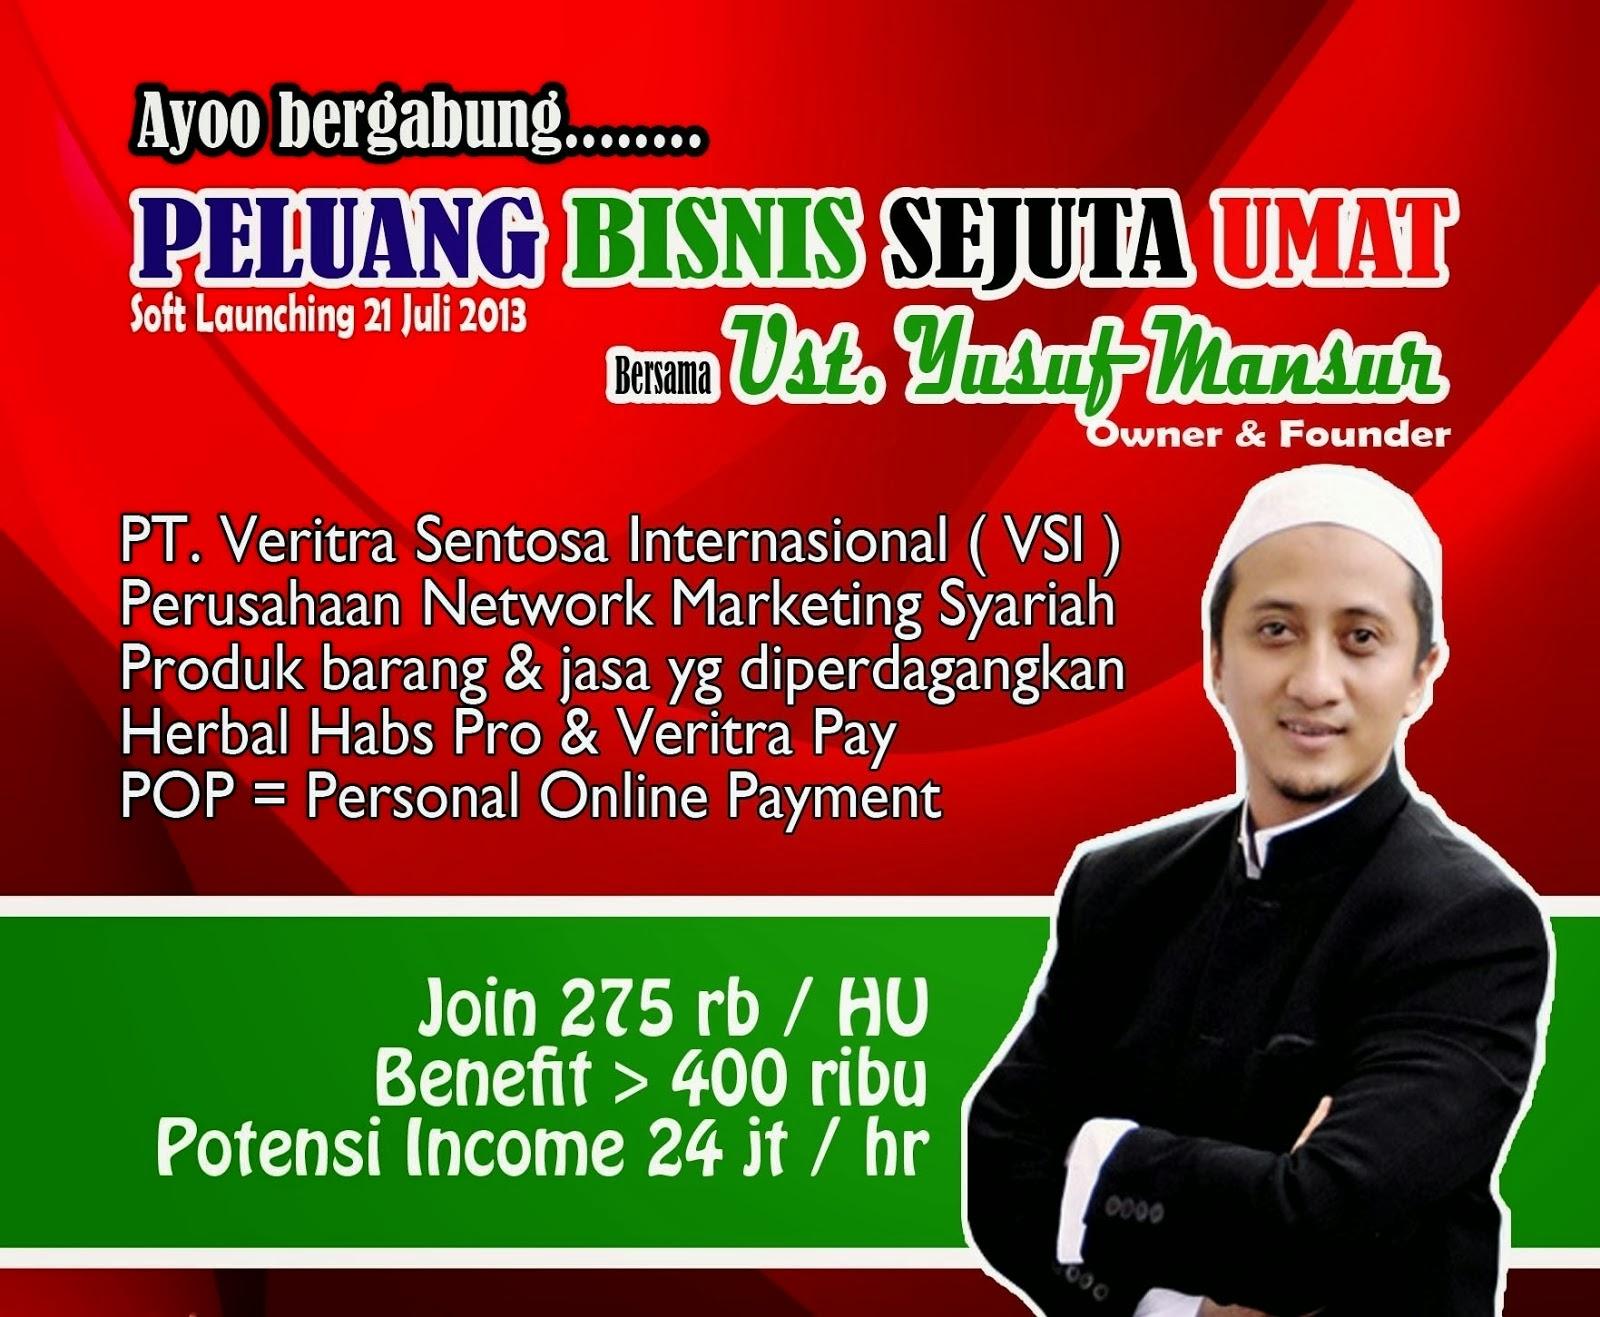 Informasi Bisnis Ust. Yusuf Mansur